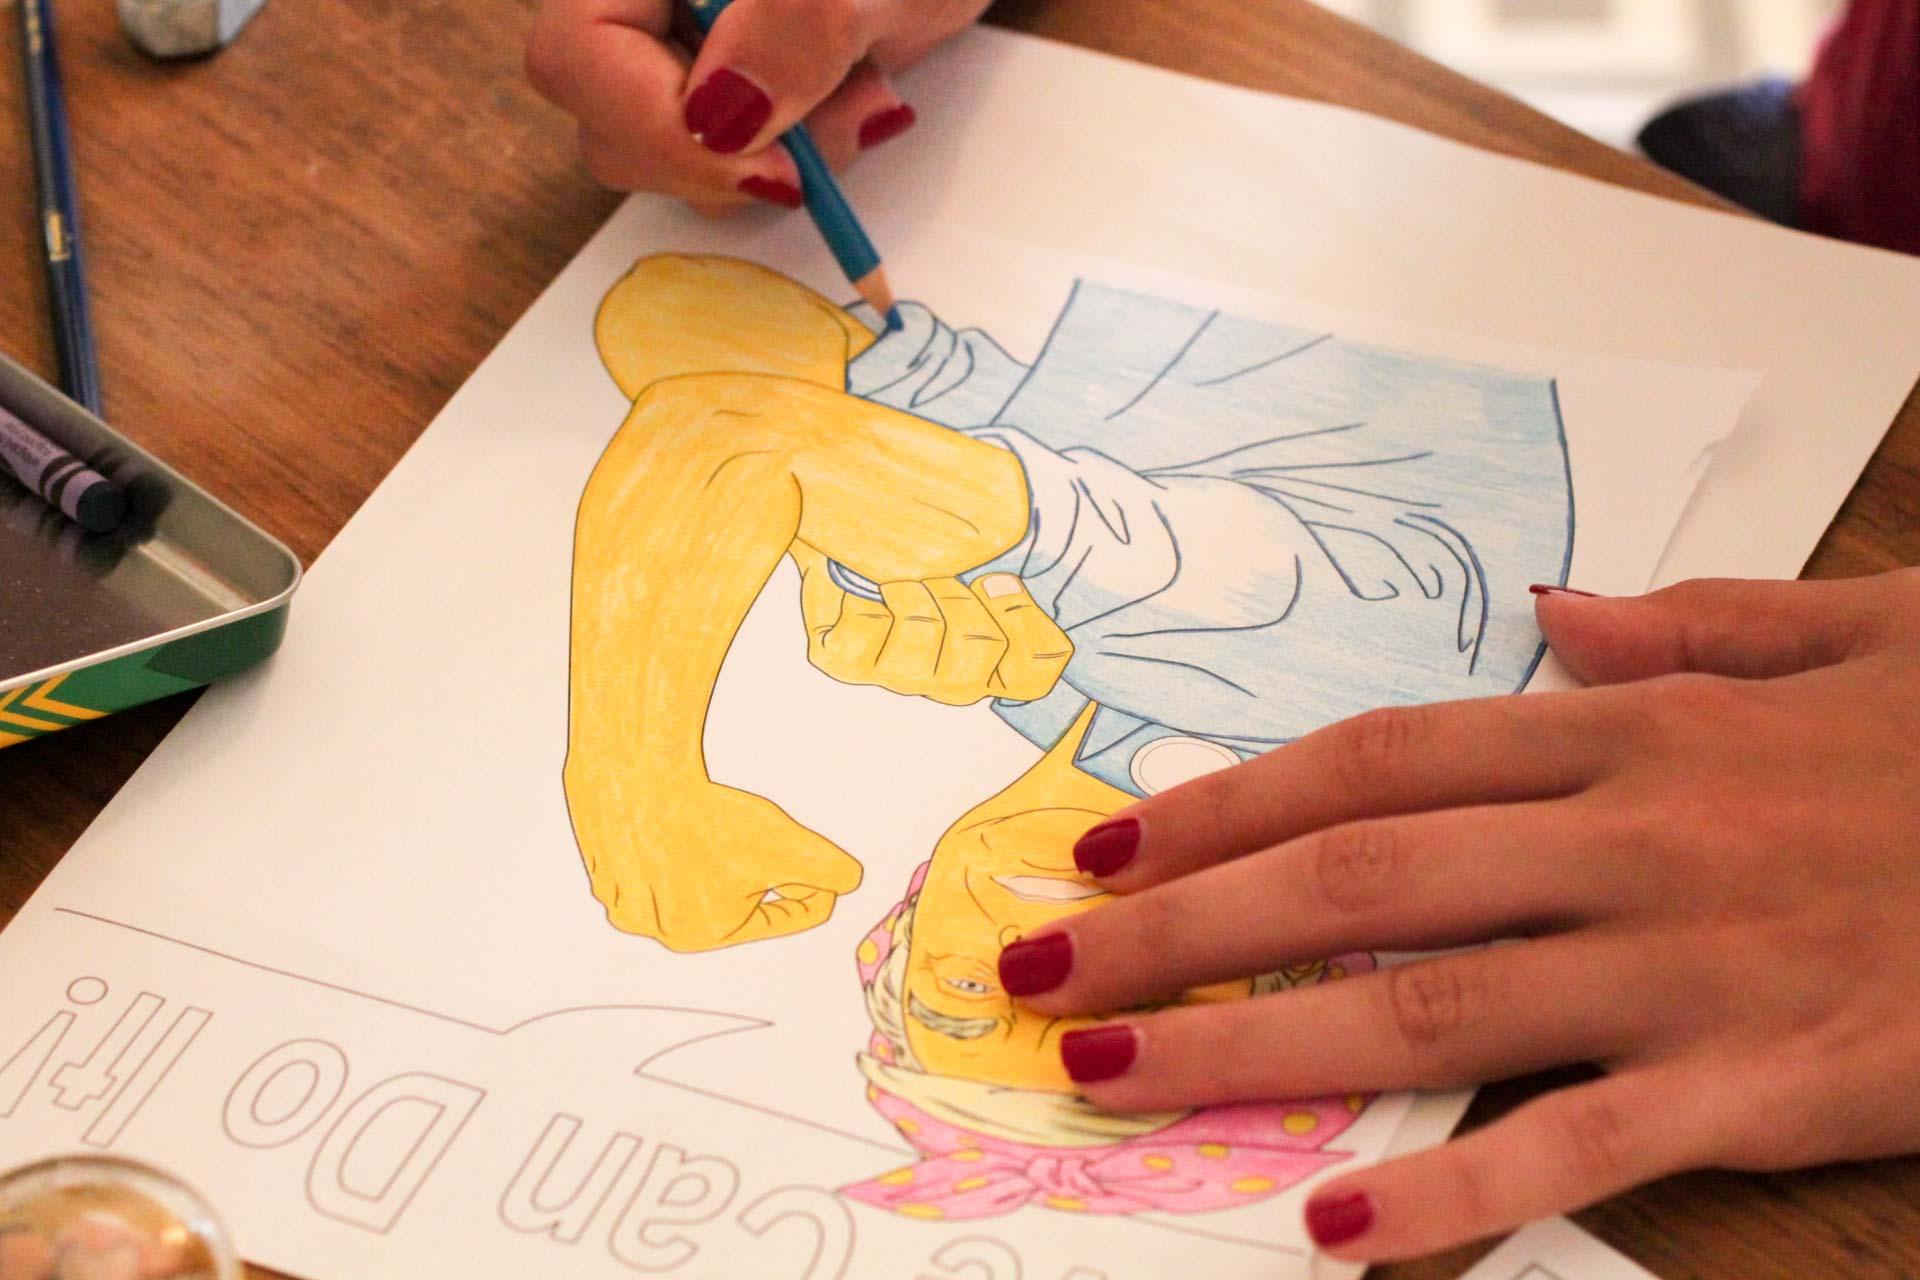 cocktailsandcraft-coloring-dc-workshop (9 of 17).jpg